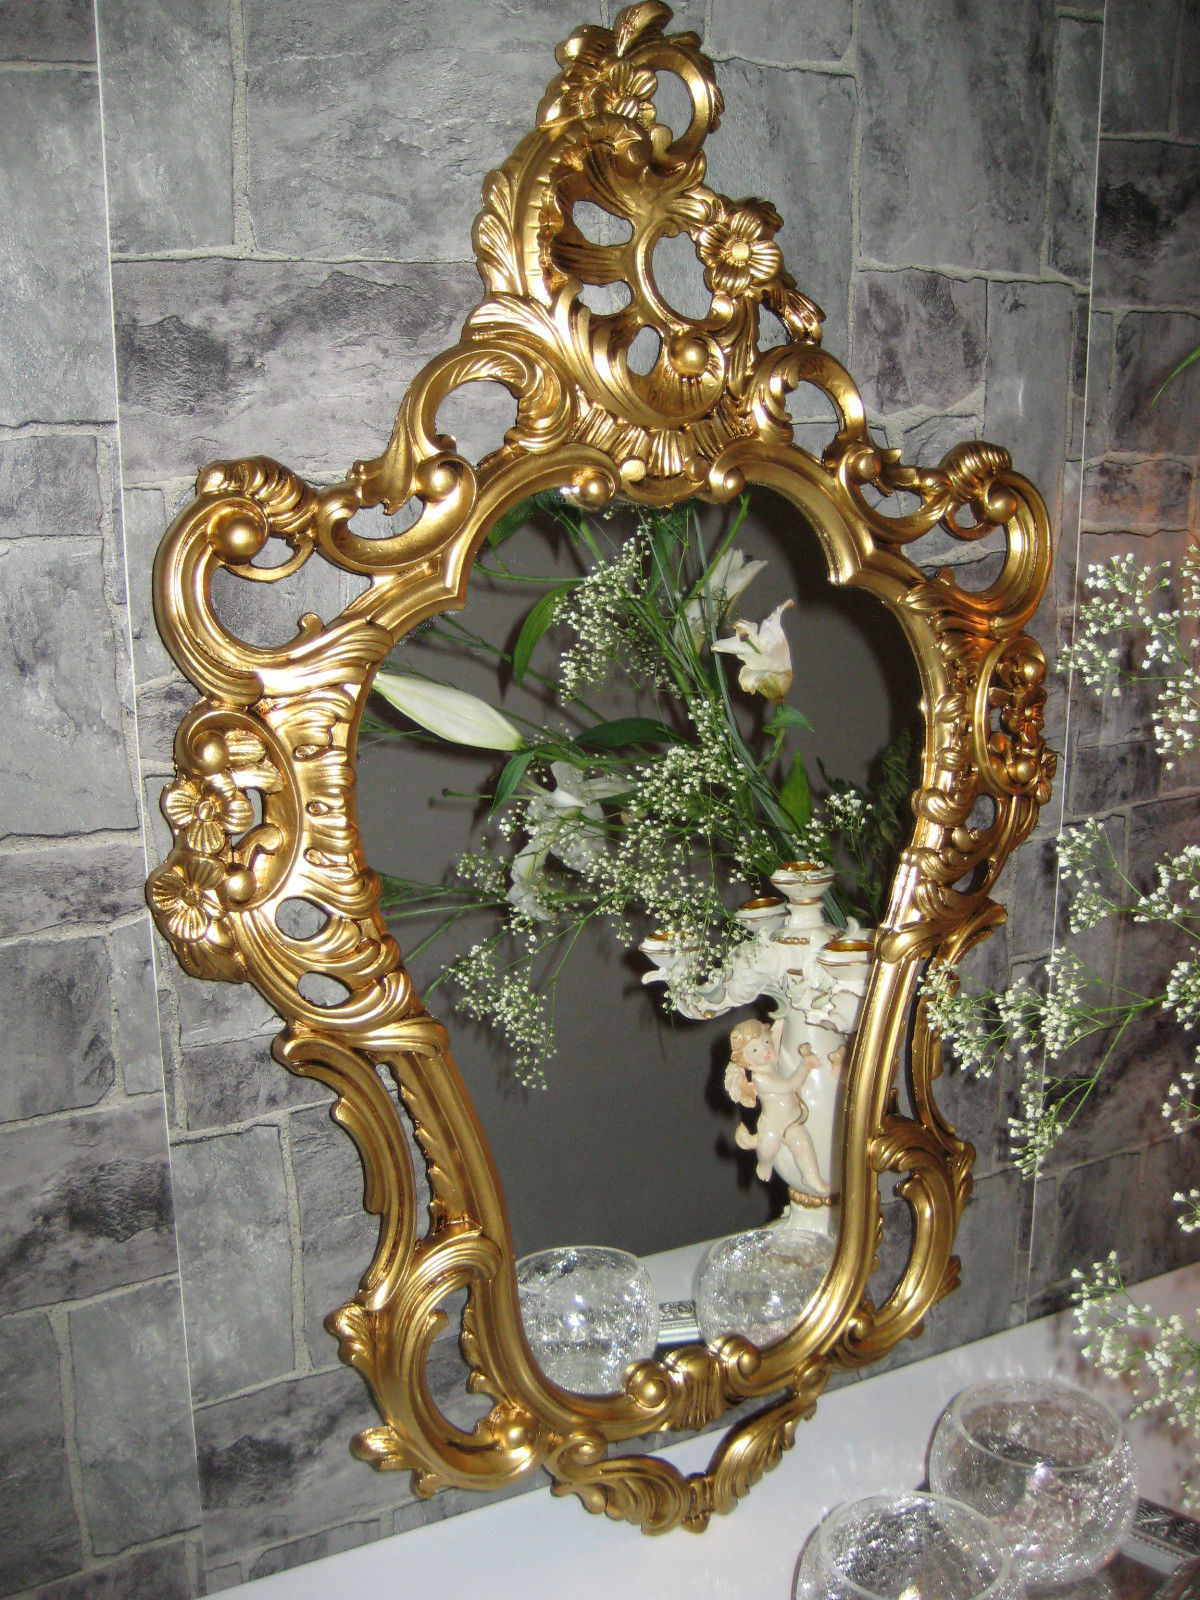 wandspiegel gold antik spiegel in jugendstil badspiegel. Black Bedroom Furniture Sets. Home Design Ideas